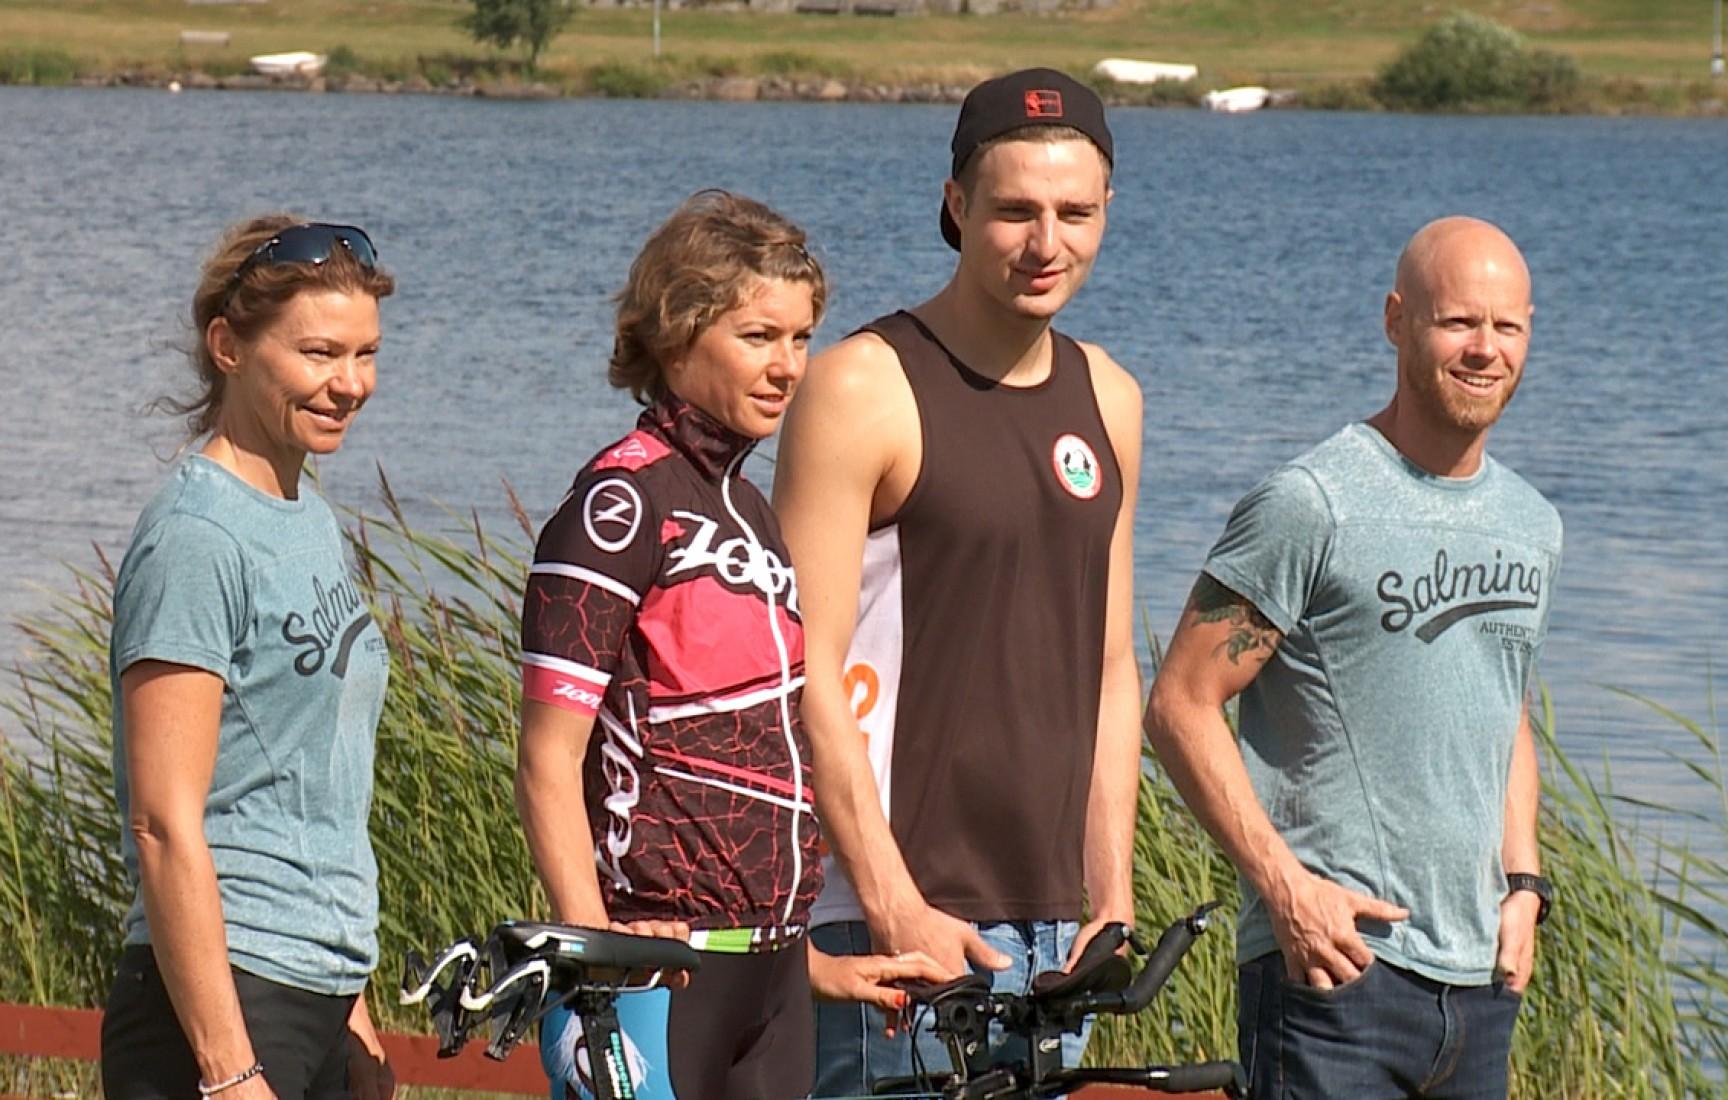 Glimt Sport – Inför Karlstadsimmet och Karlstad triathlon